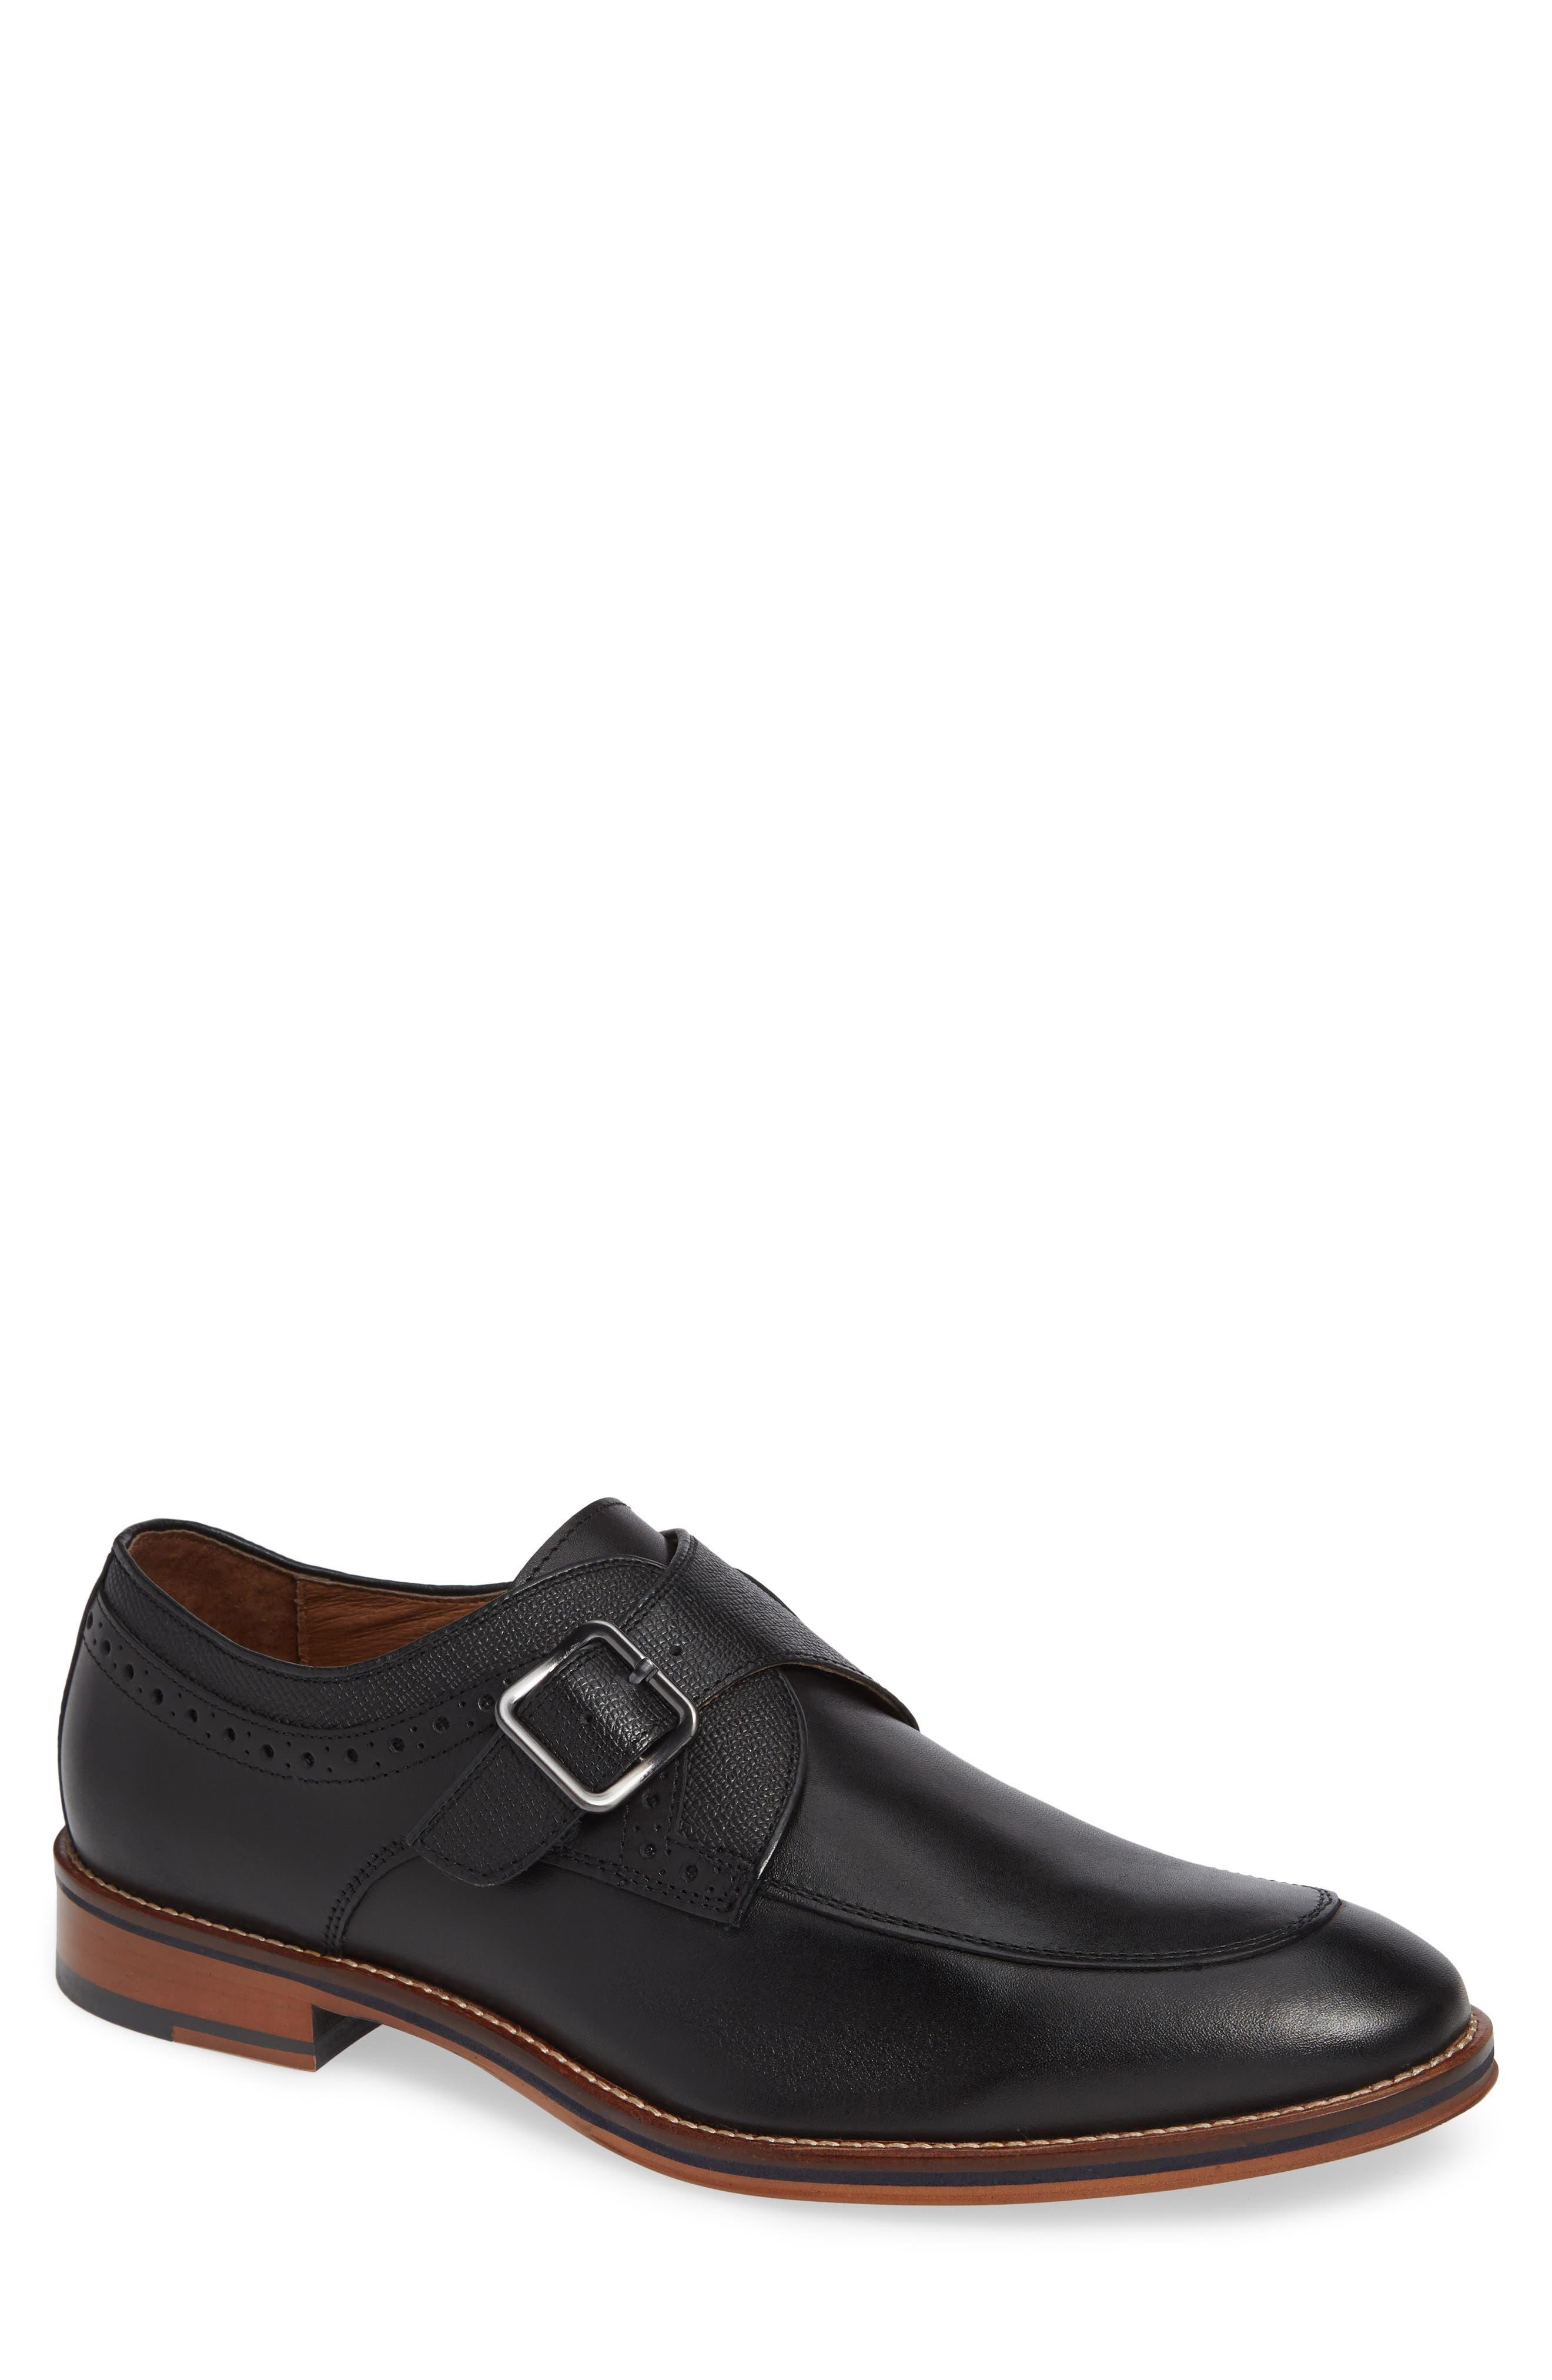 Conard Monk Strap Shoe,                         Main,                         color, BLACK LEATHER